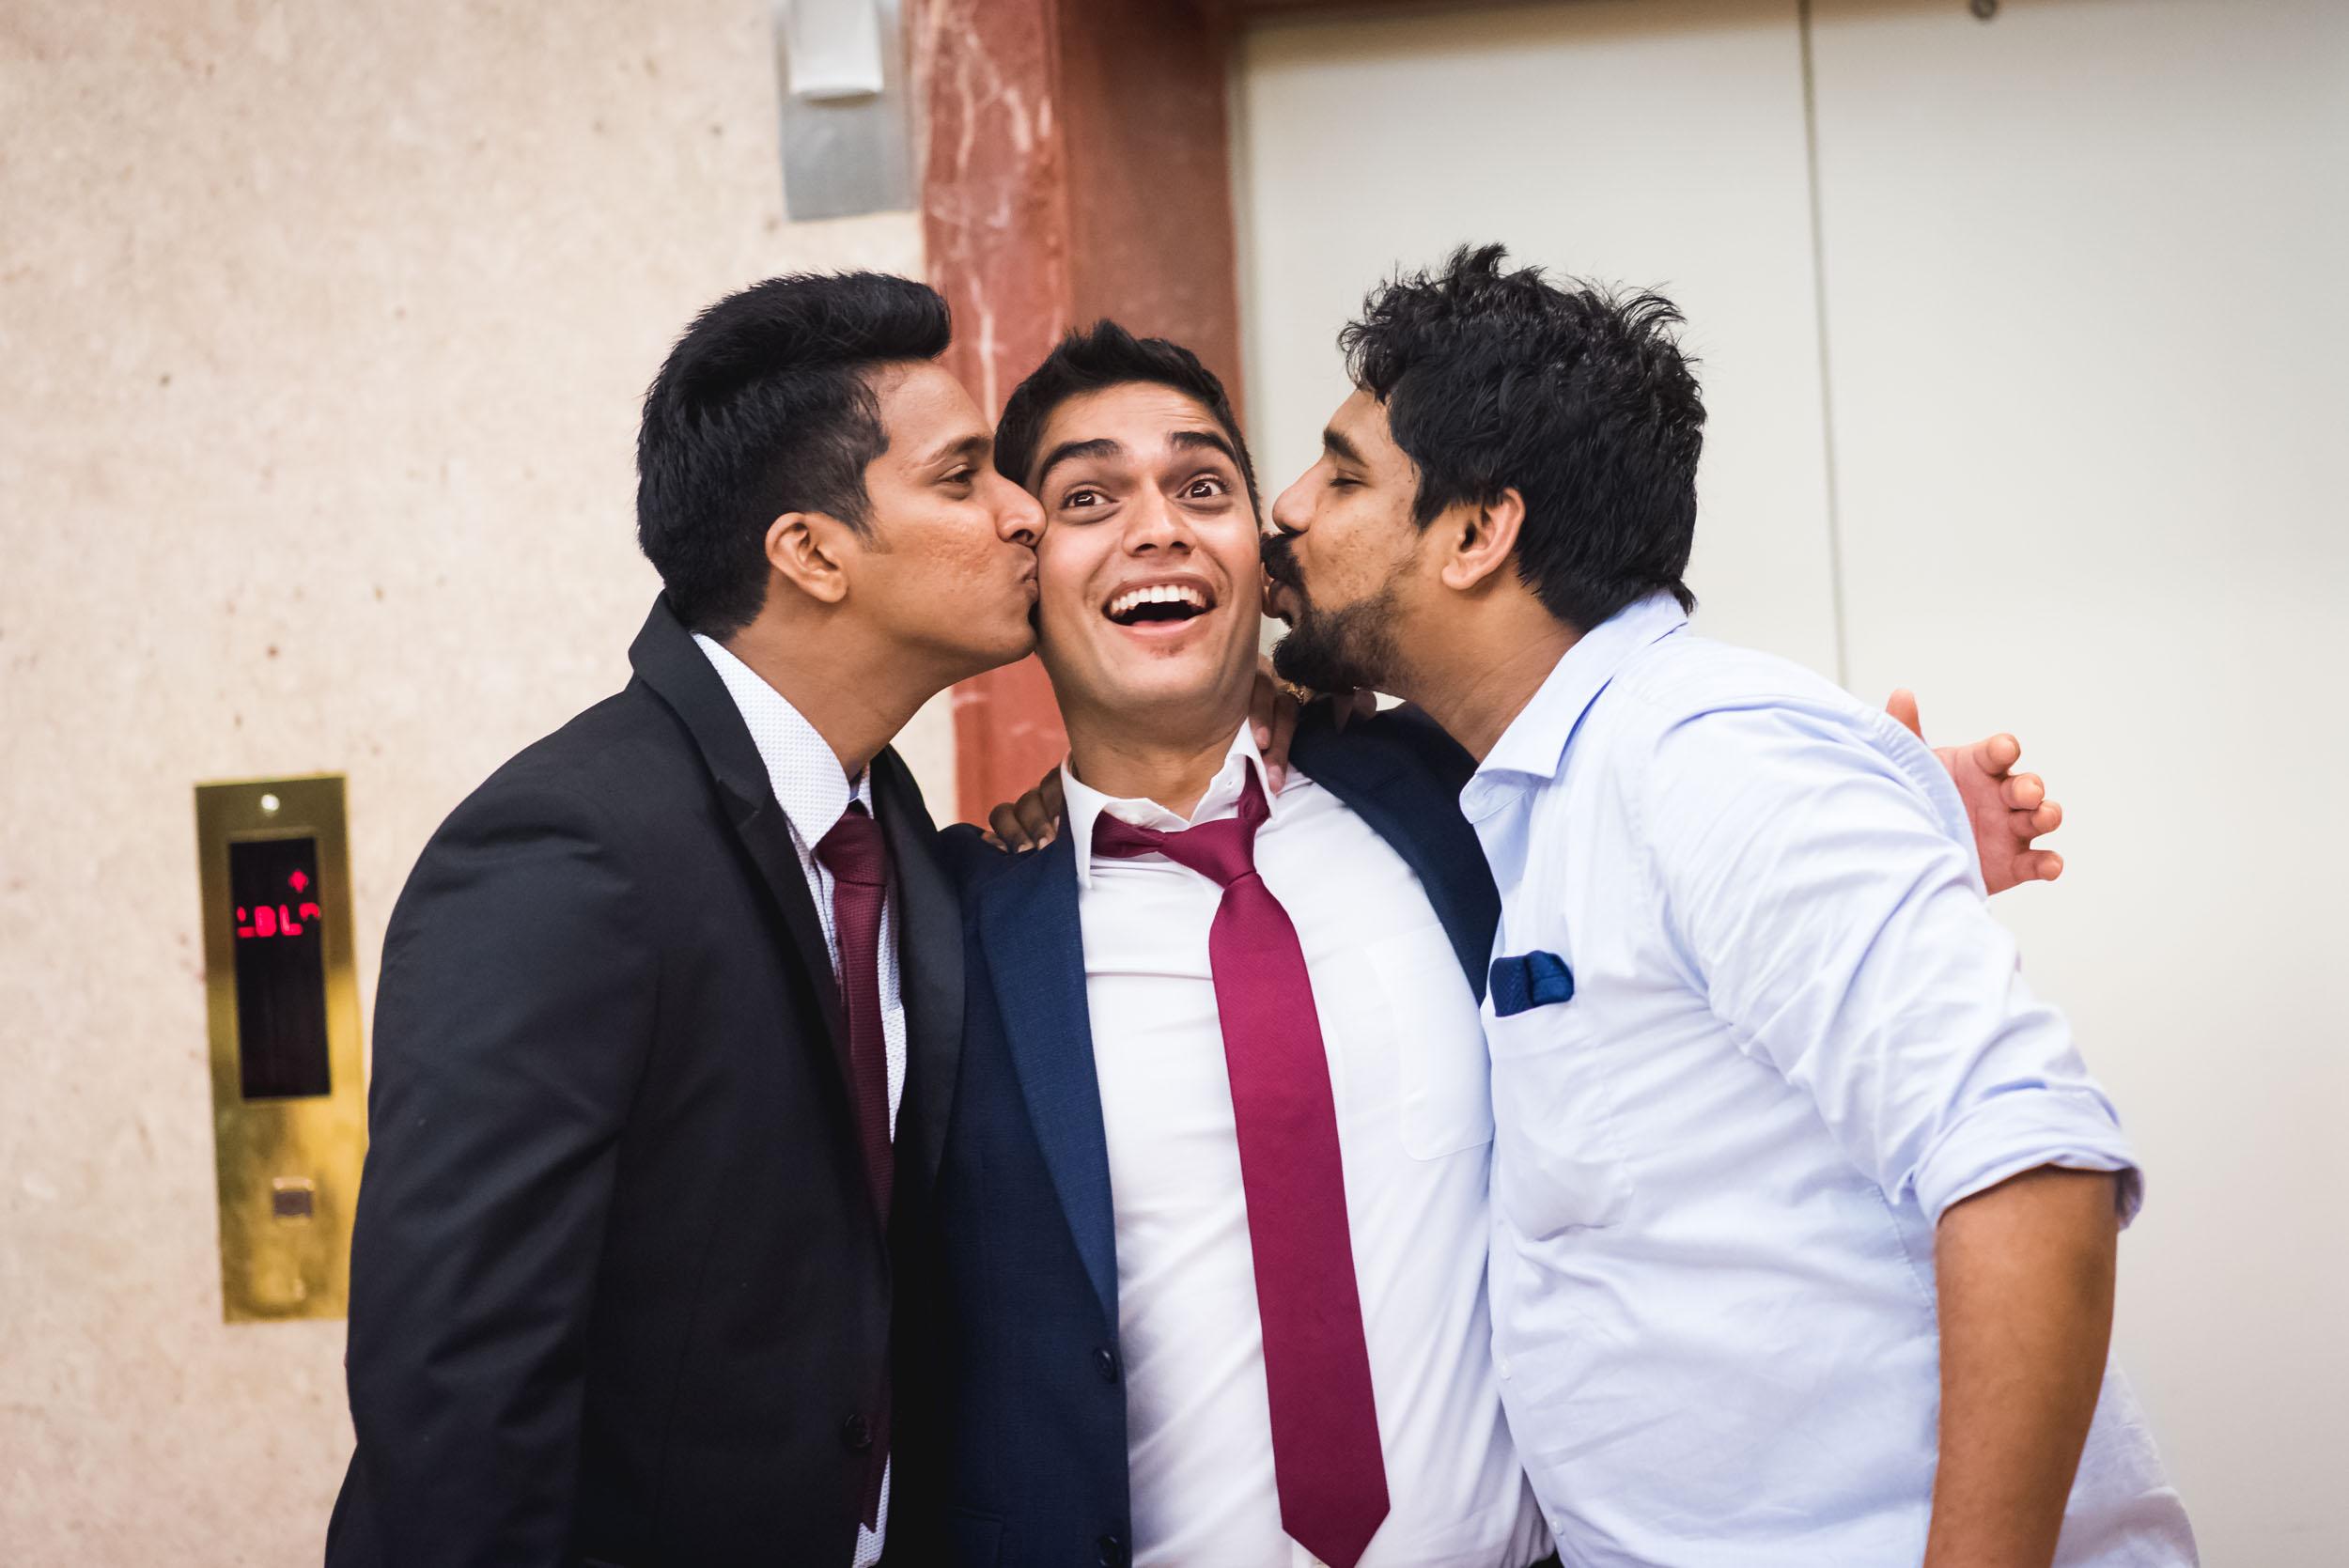 mumbai-pune-wedding-184.jpg